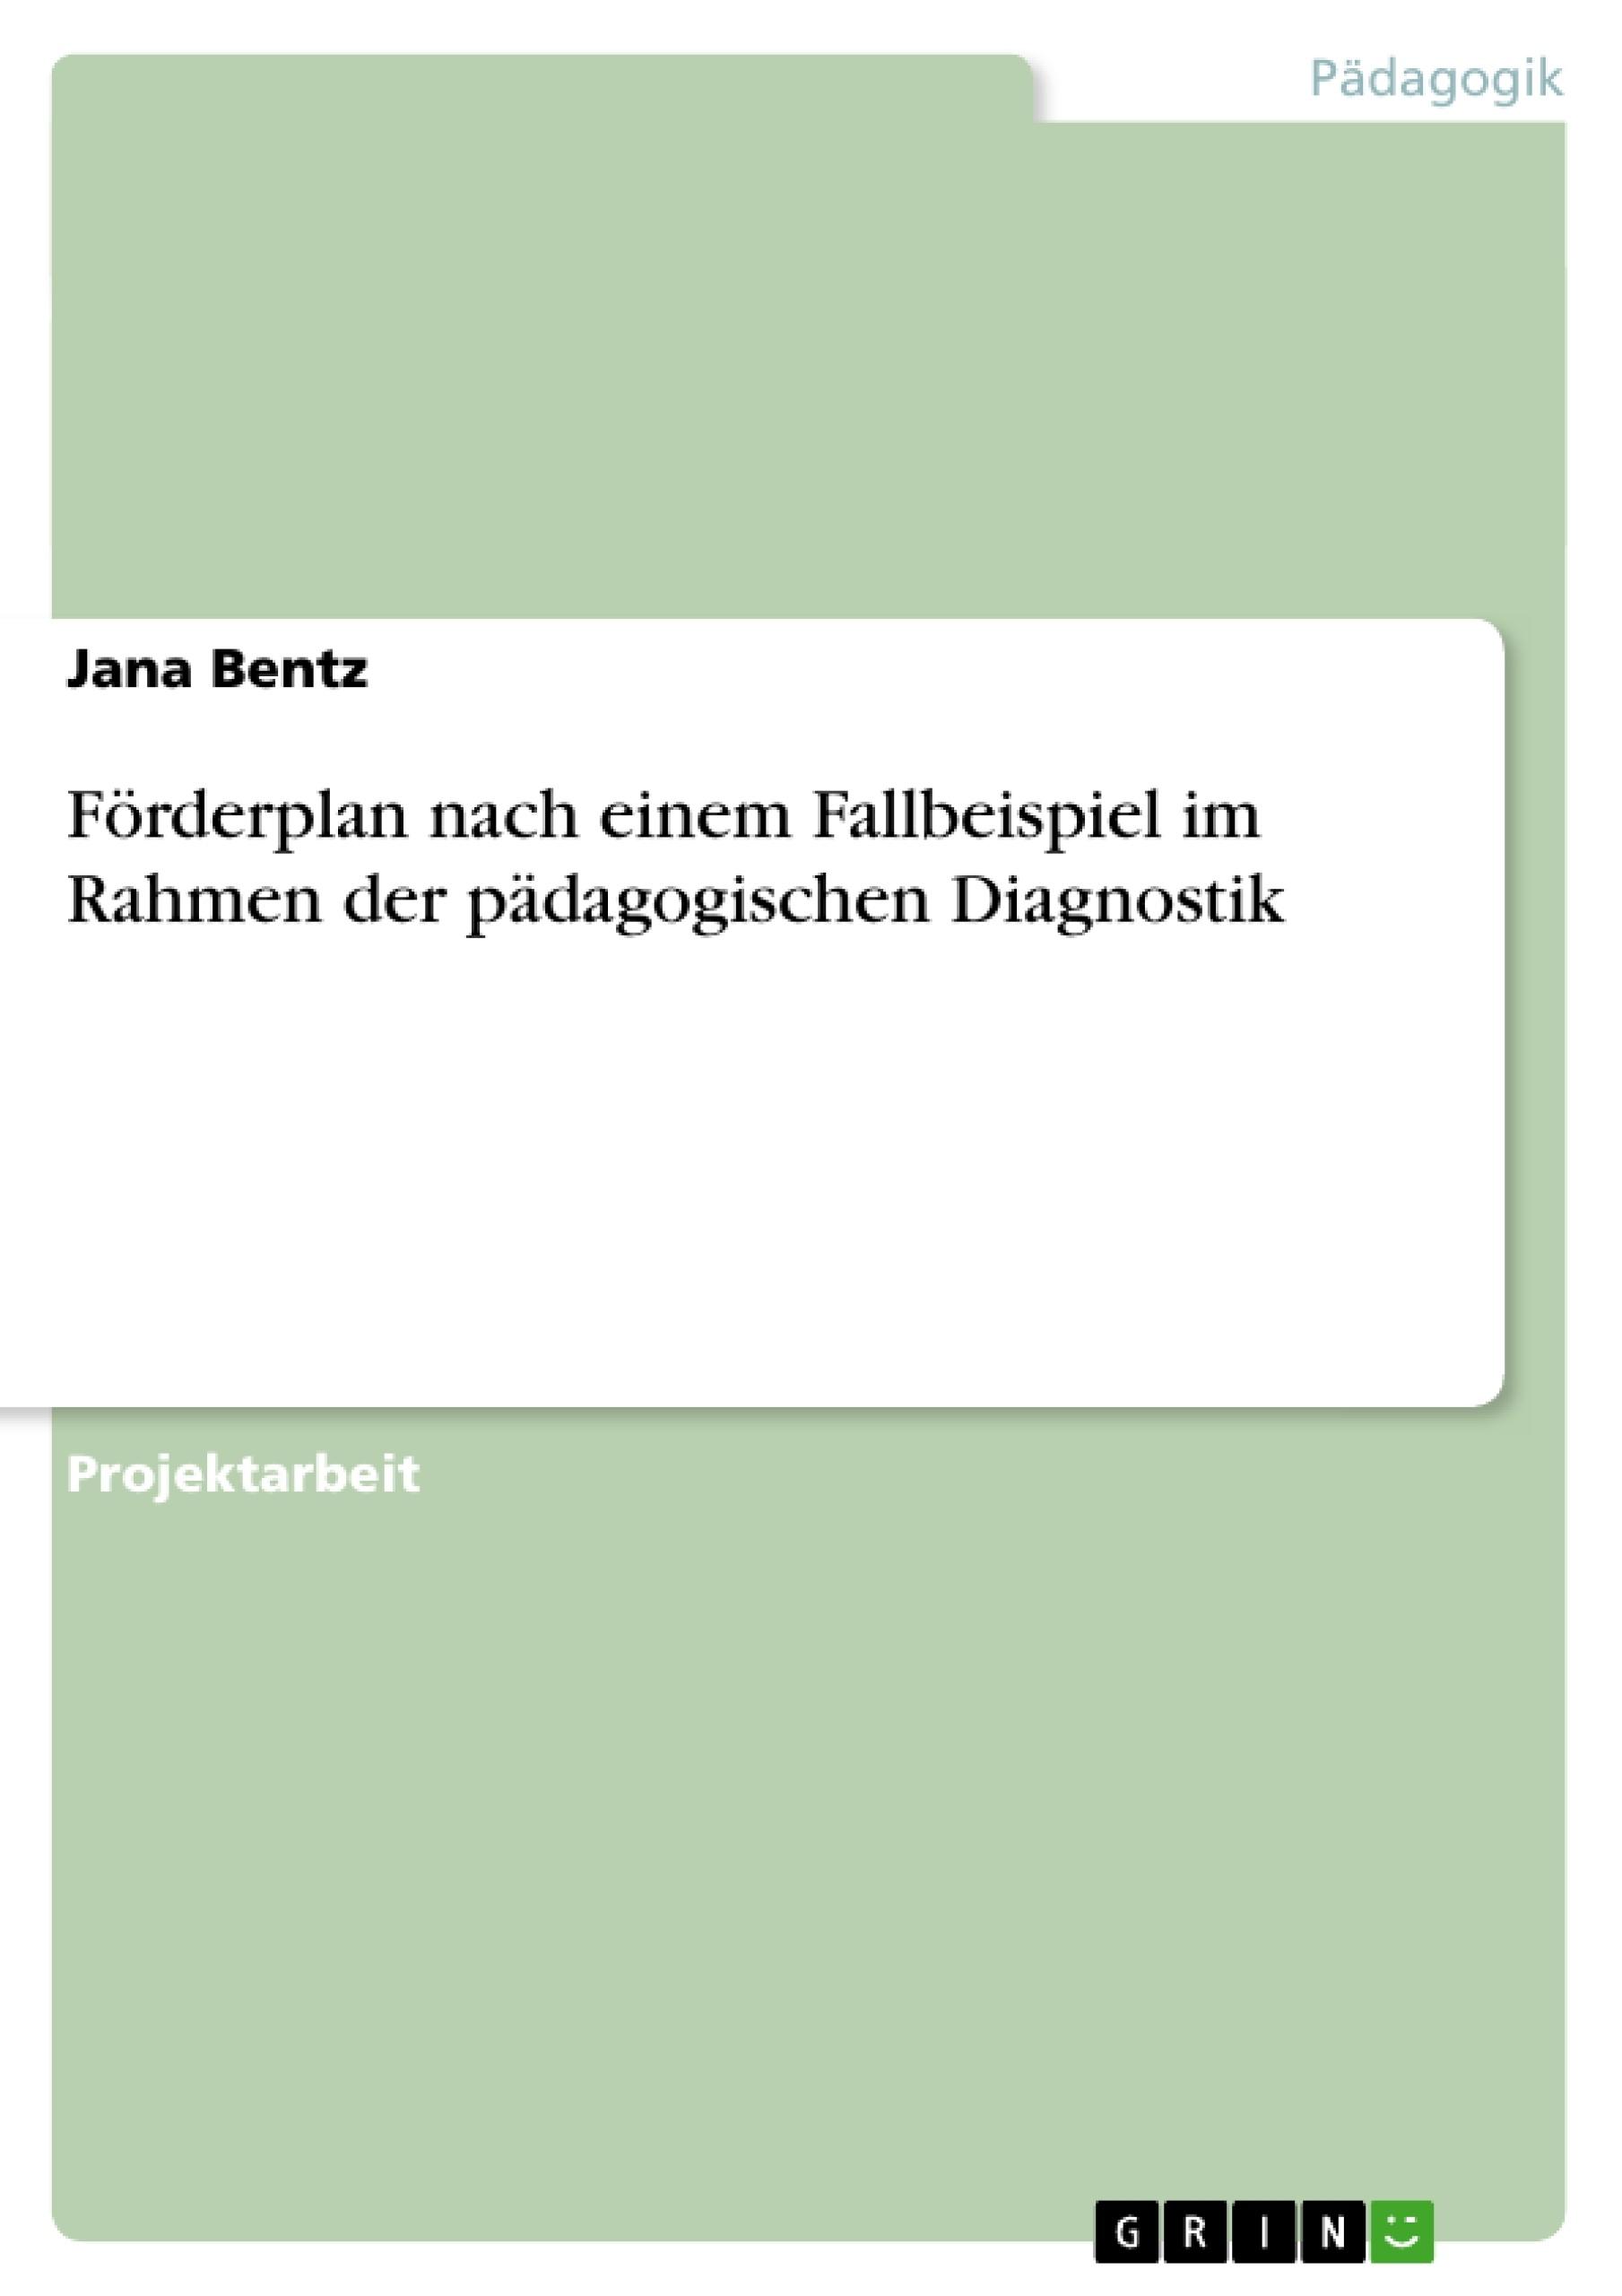 Titel: Förderplan nach einem Fallbeispiel im Rahmen der pädagogischen Diagnostik